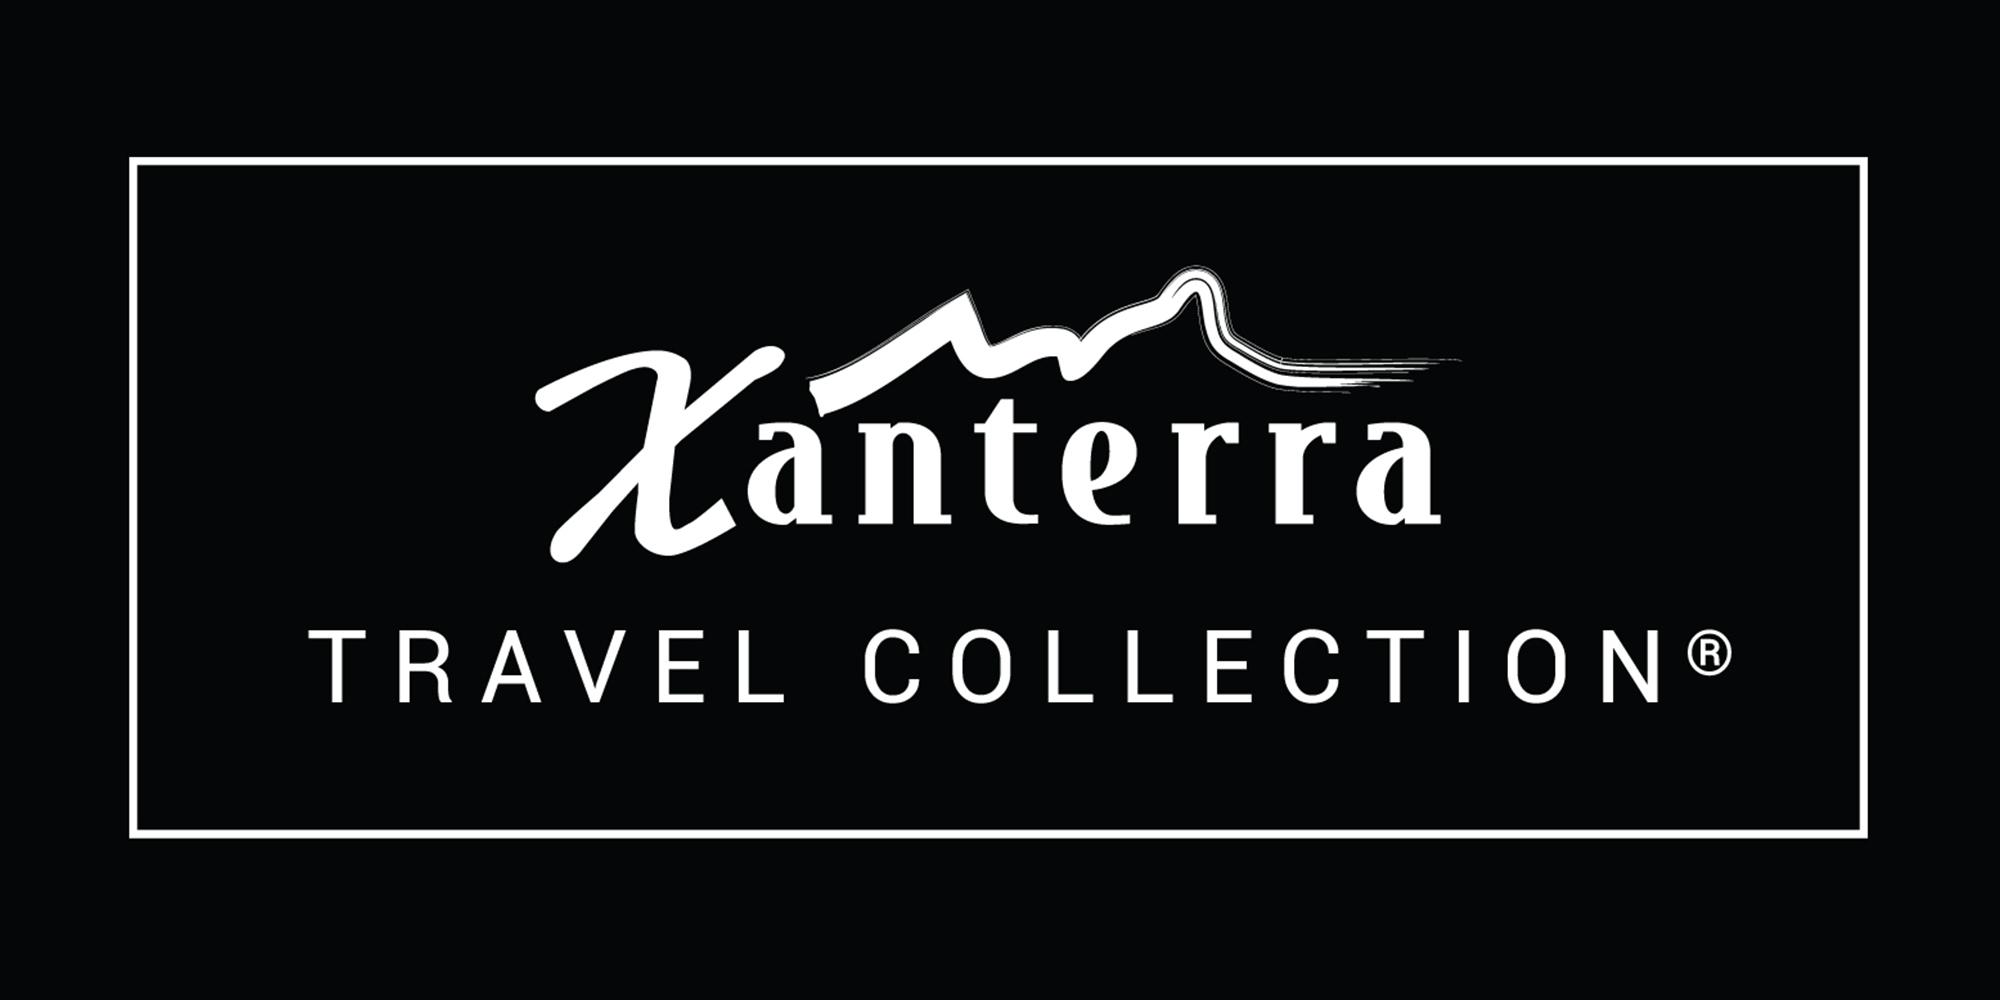 xanterra logo